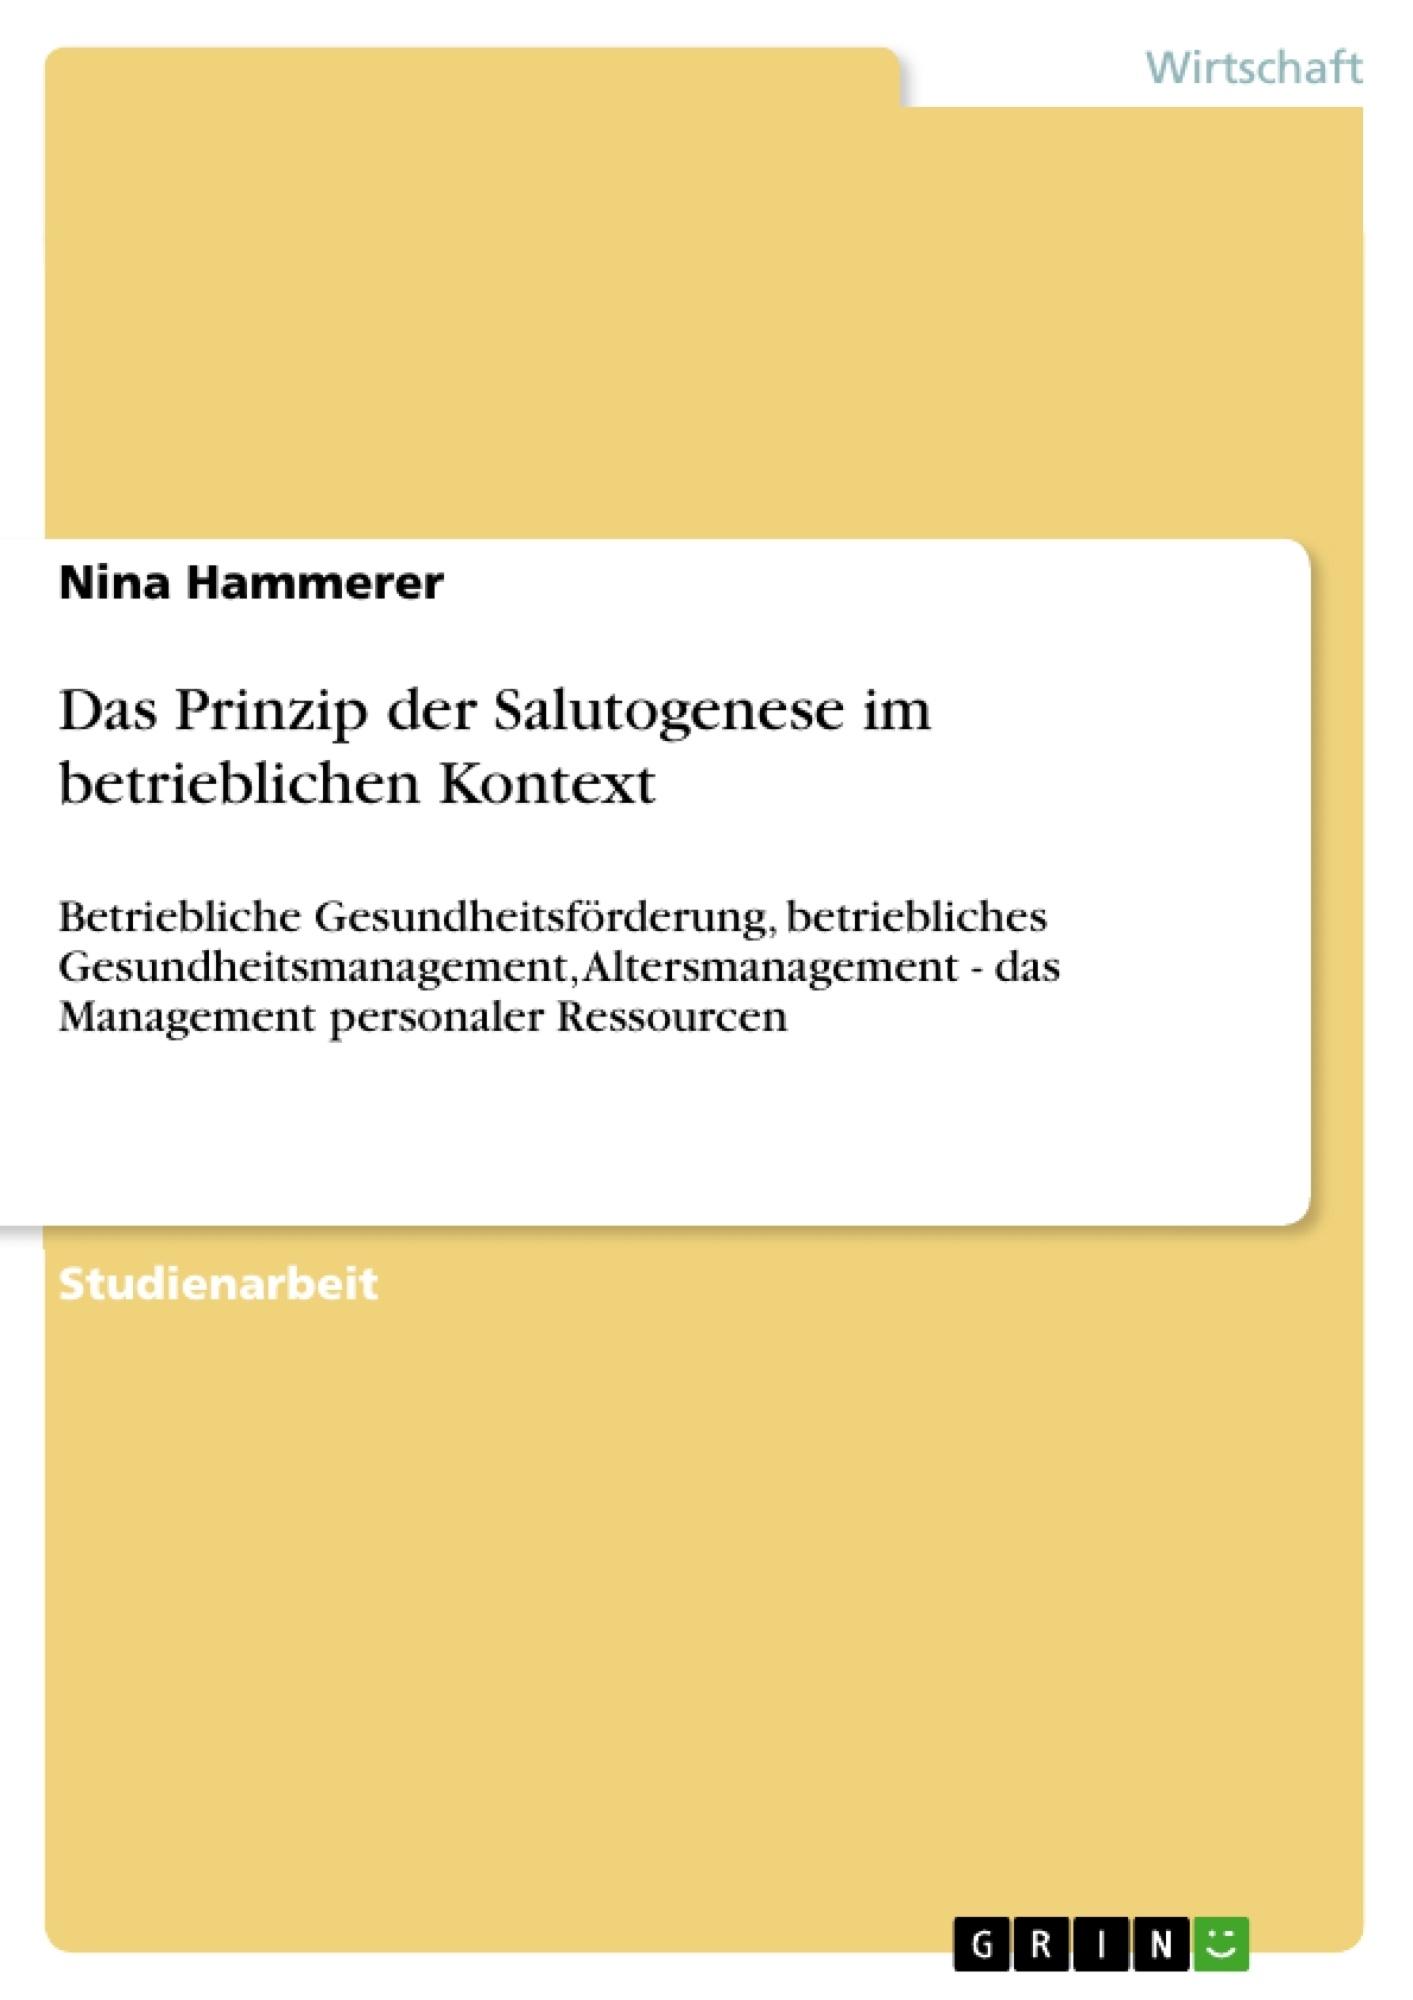 Titel: Das Prinzip der Salutogenese im betrieblichen Kontext